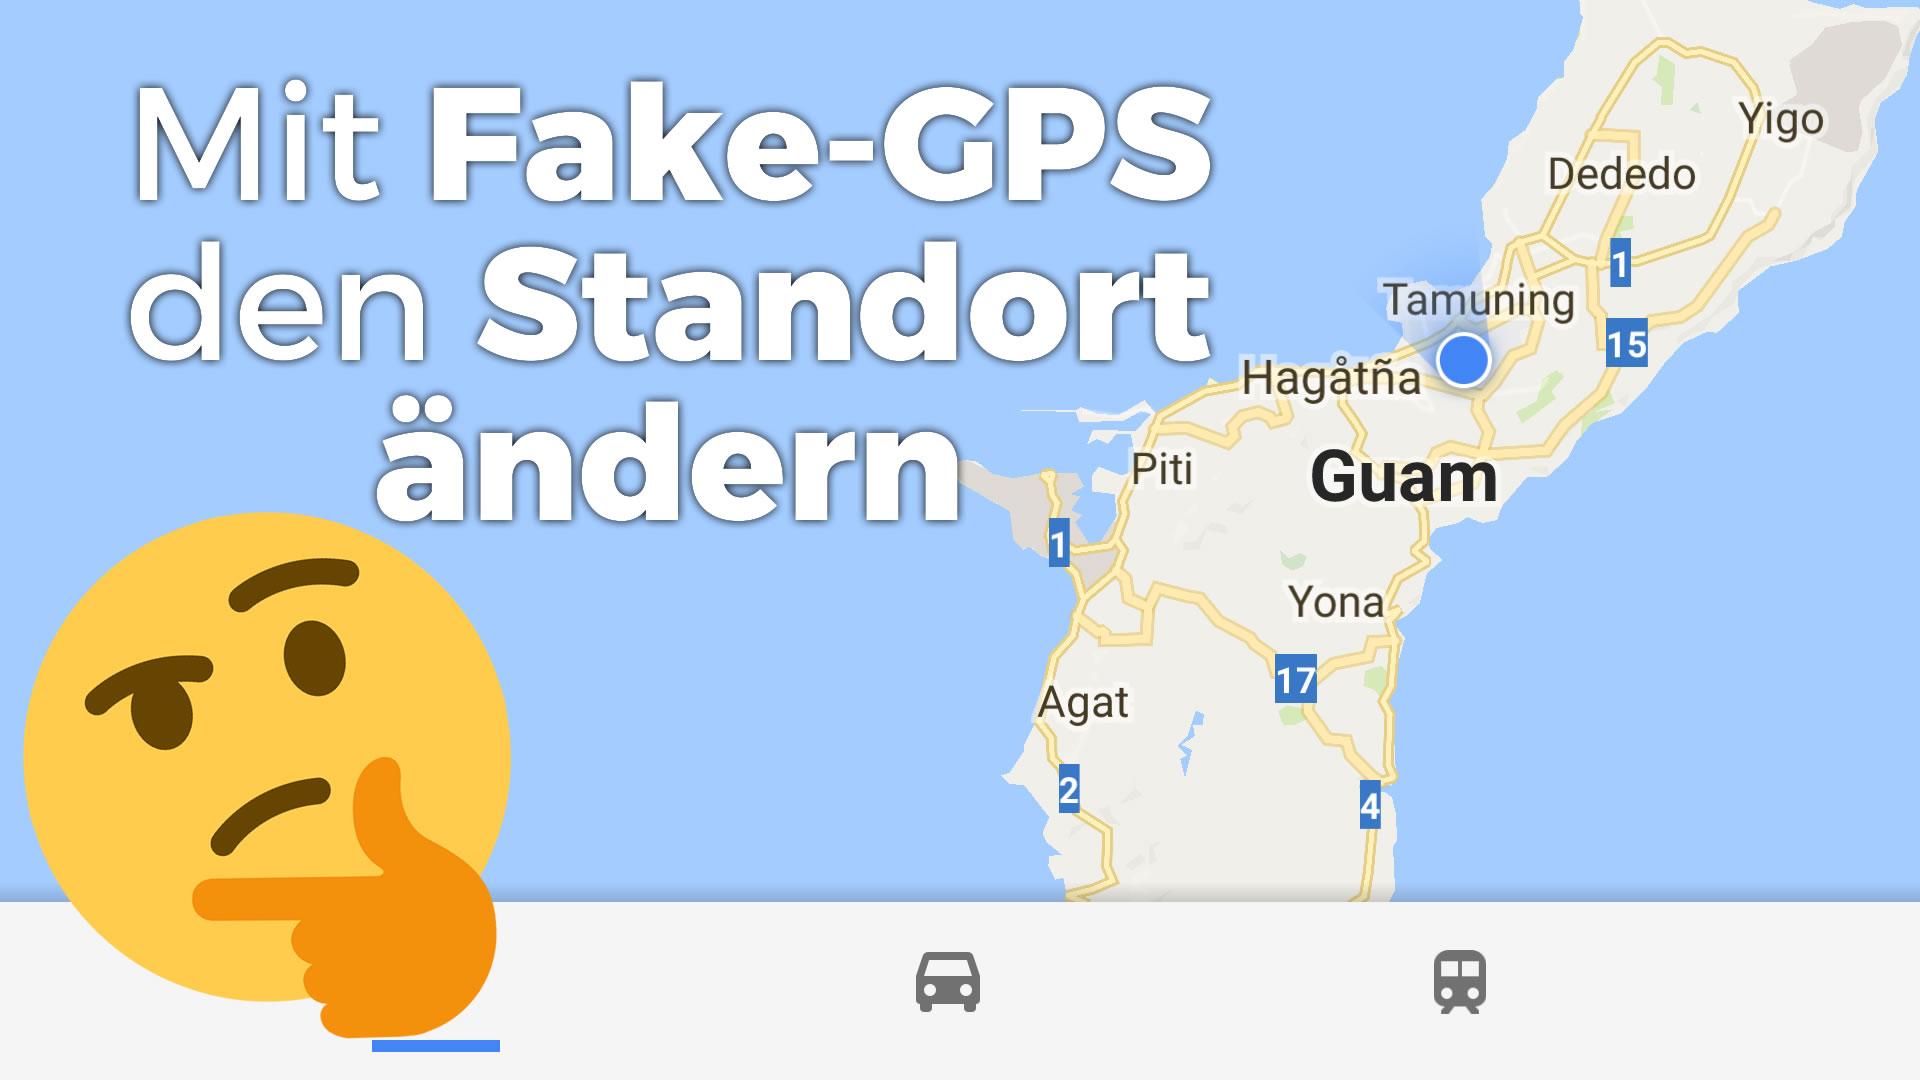 Standort ändern unter Android 7 (Nougat) und 8 (Oreo)